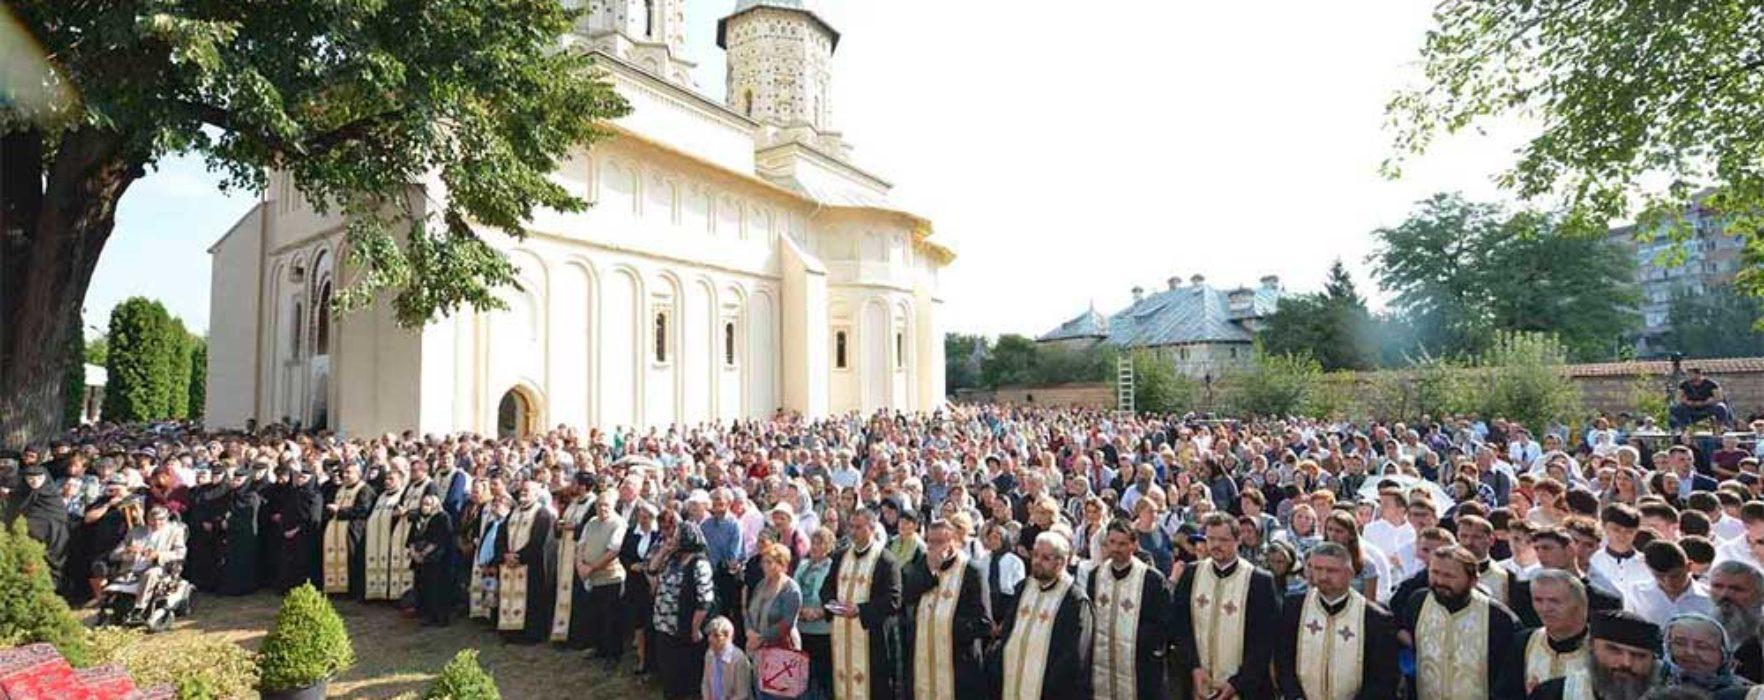 Târgovişte: Număr mare de credincioşi la sfinţirea Mănăstirii Stelea